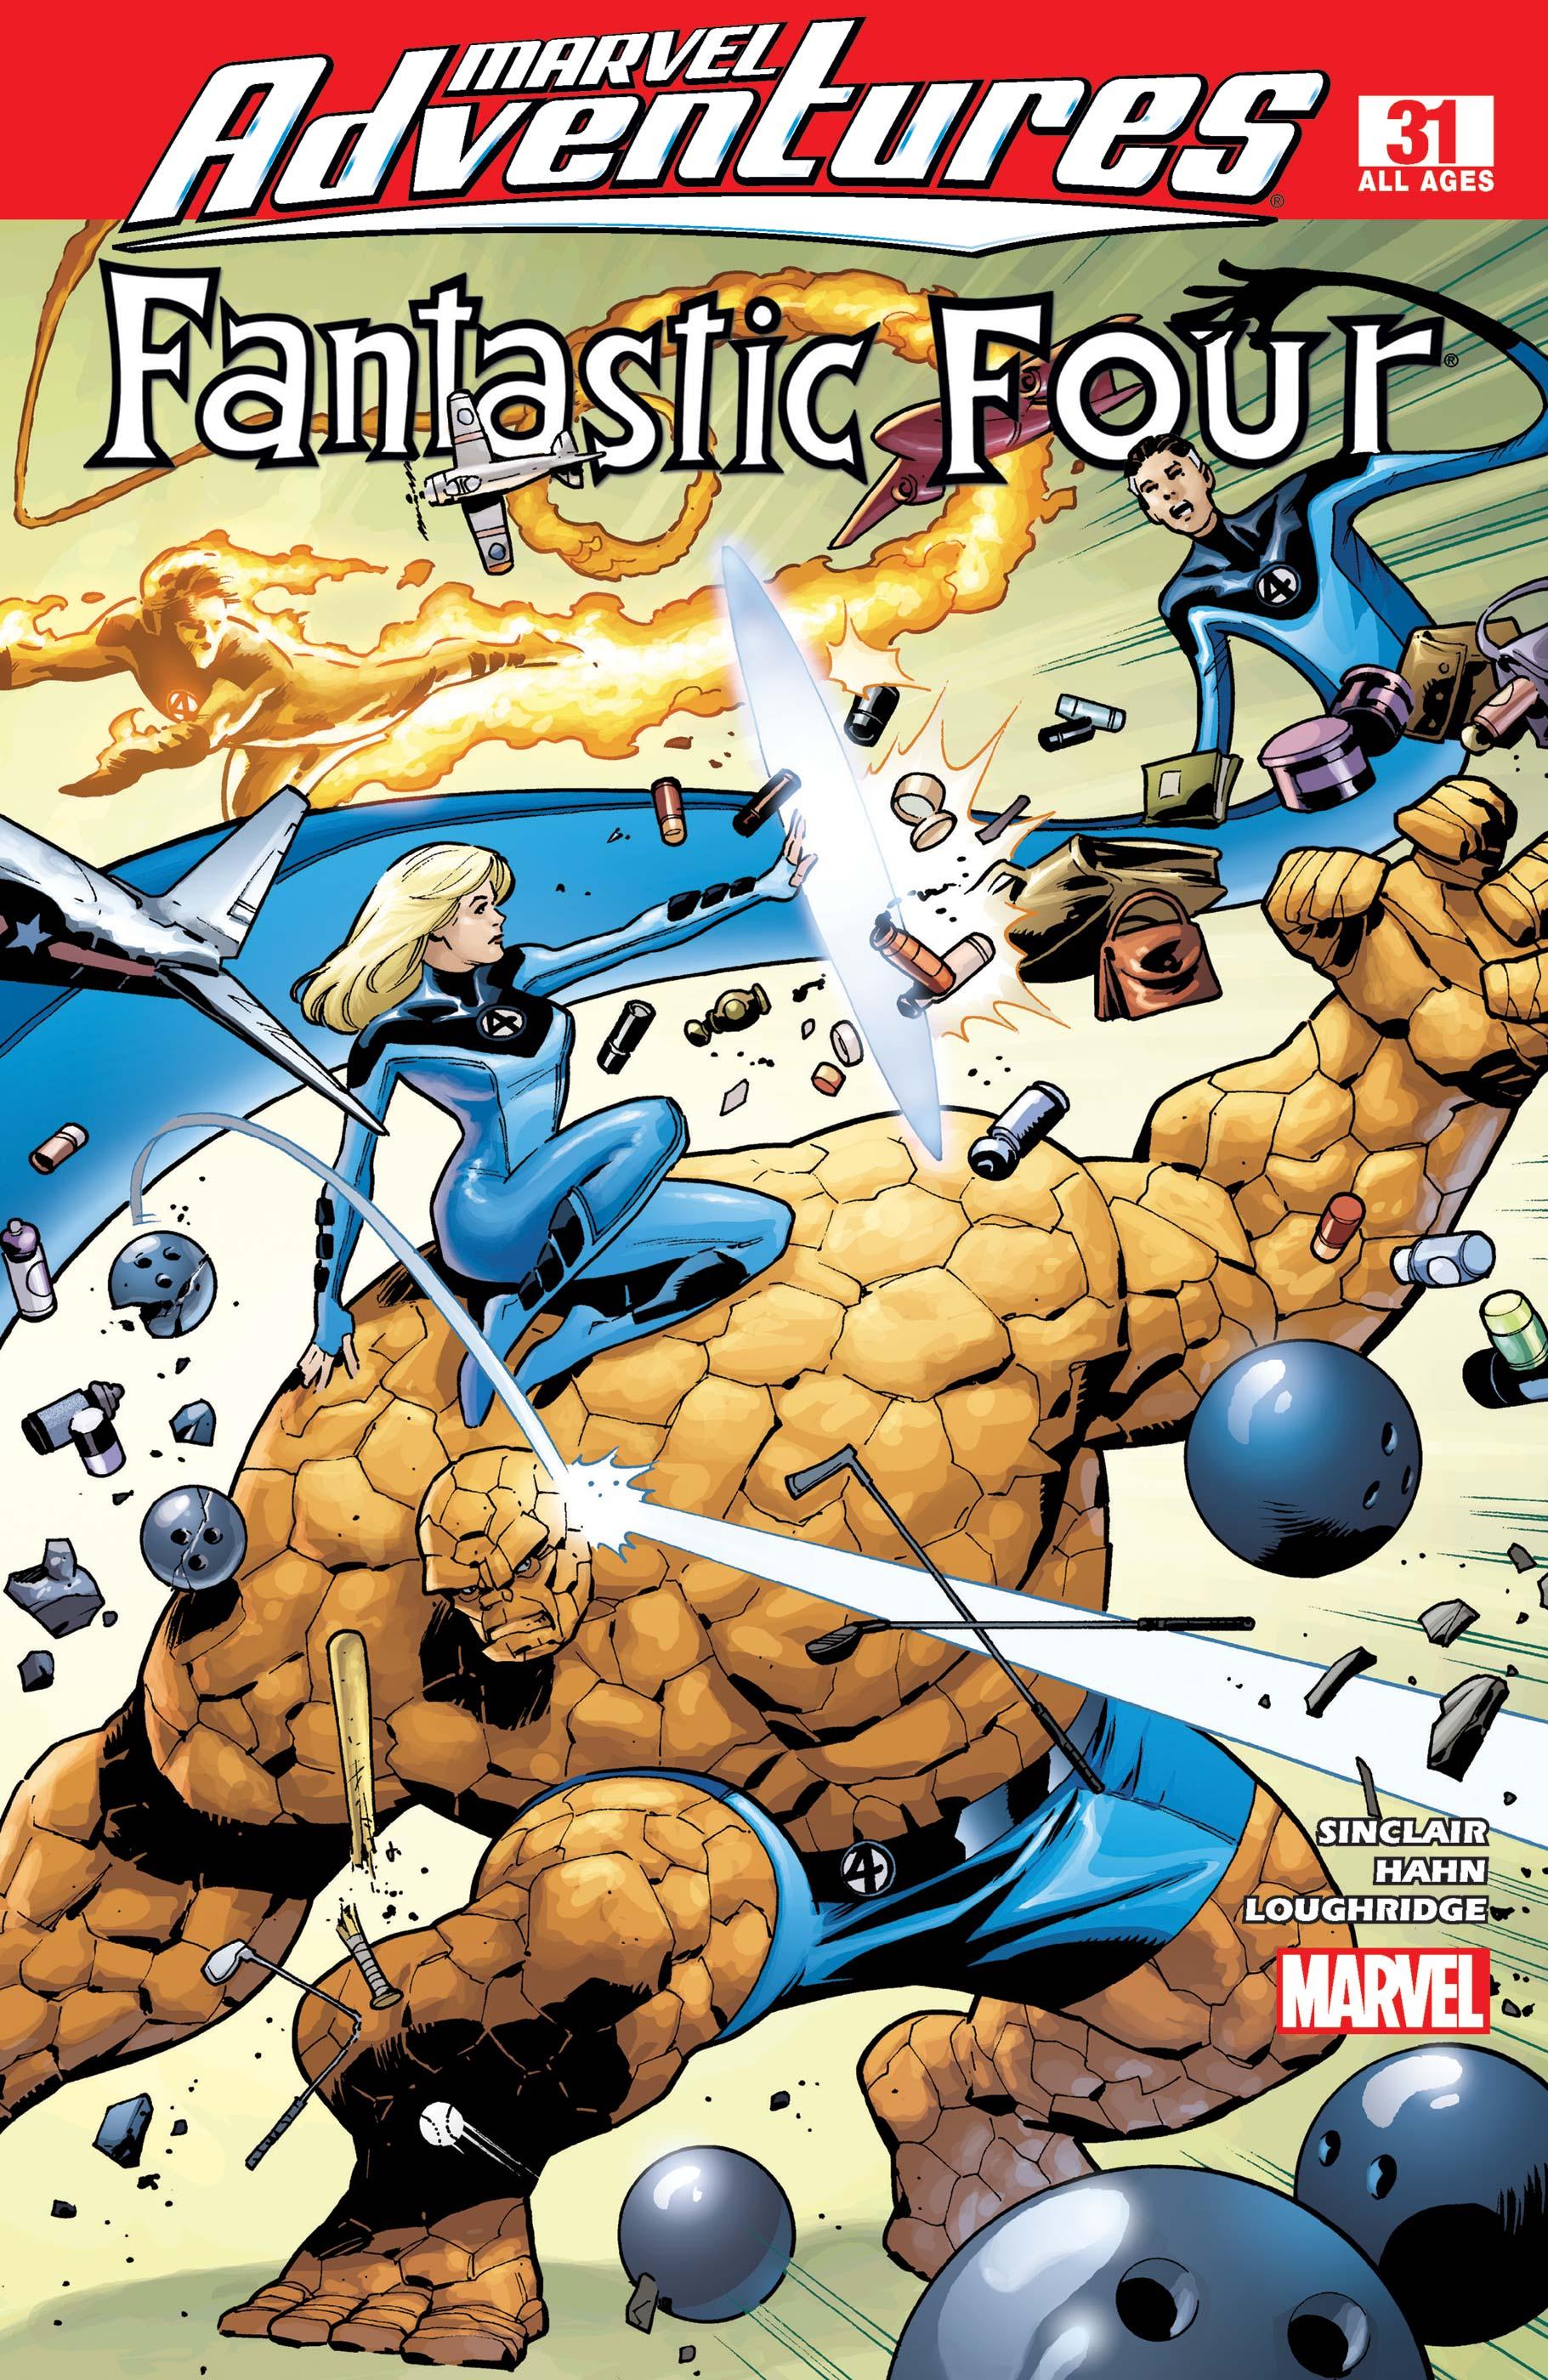 Marvel Adventures Fantastic Four (2005) #31